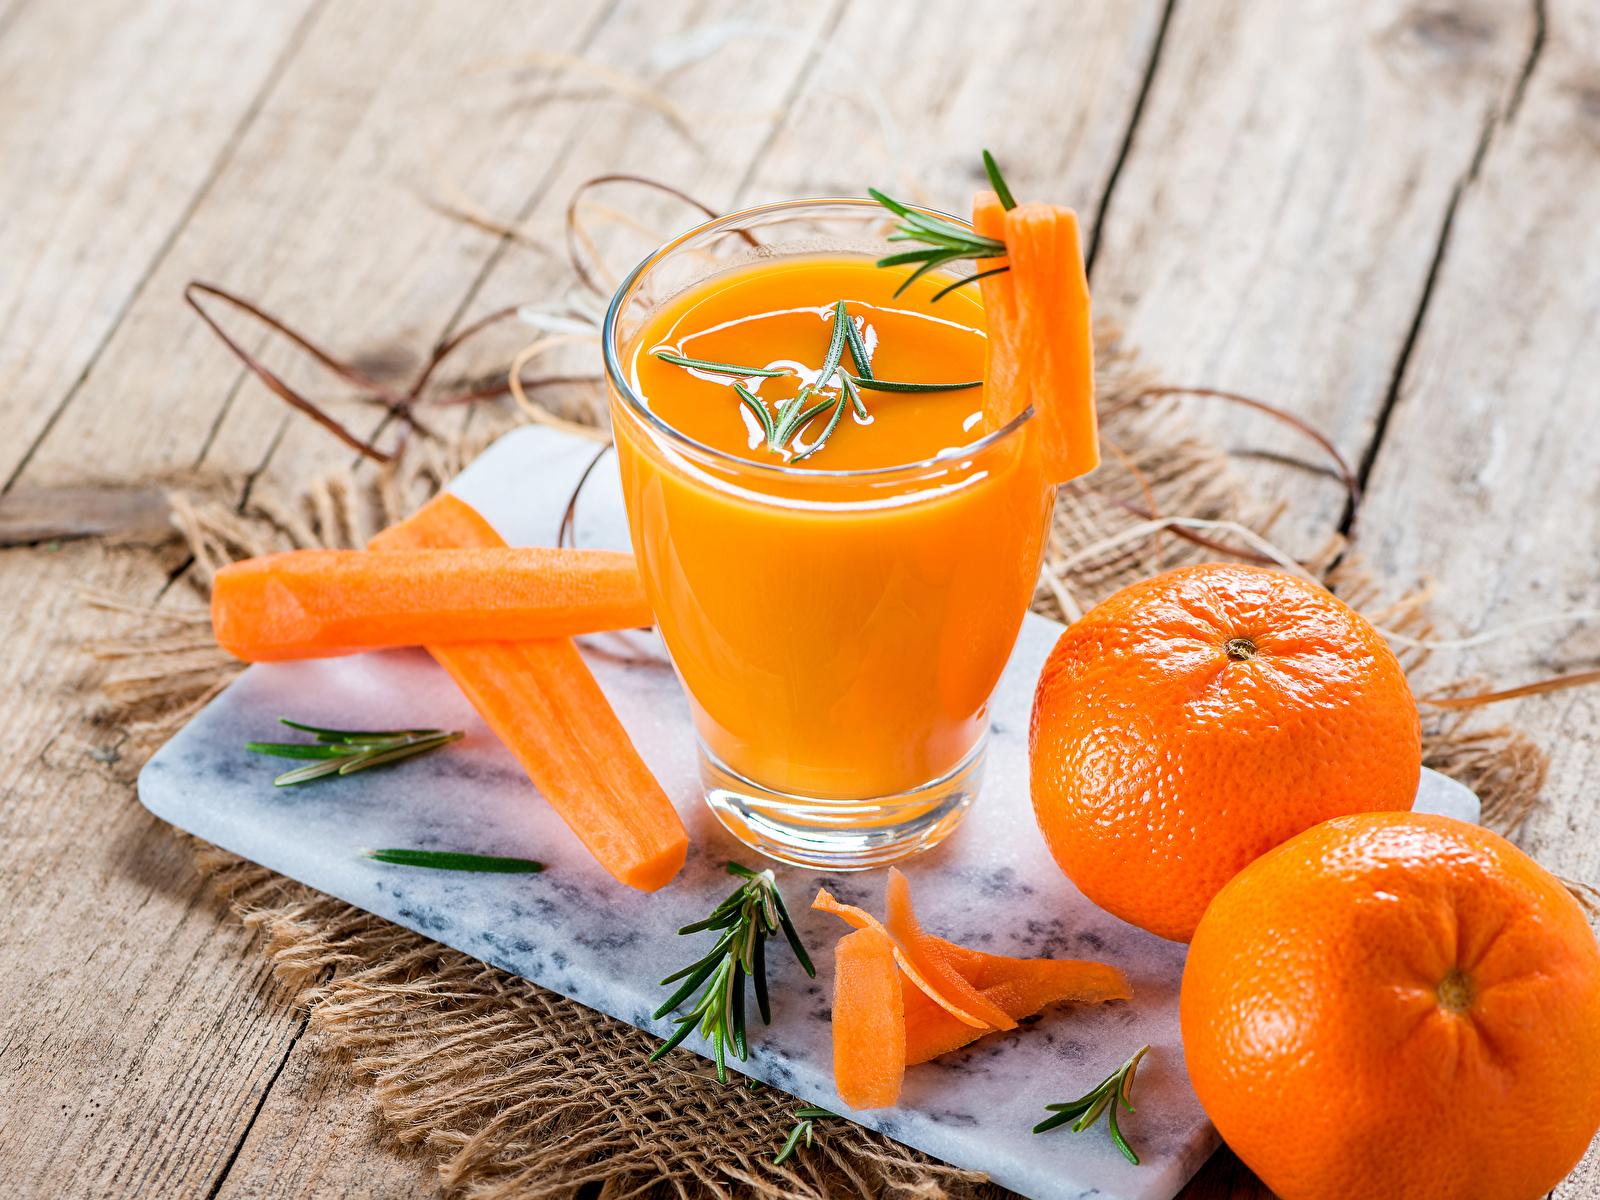 Картинка Сок Морковь Мандарины стакана Еда Доски 1600x1200 Стакан стакане Пища Продукты питания